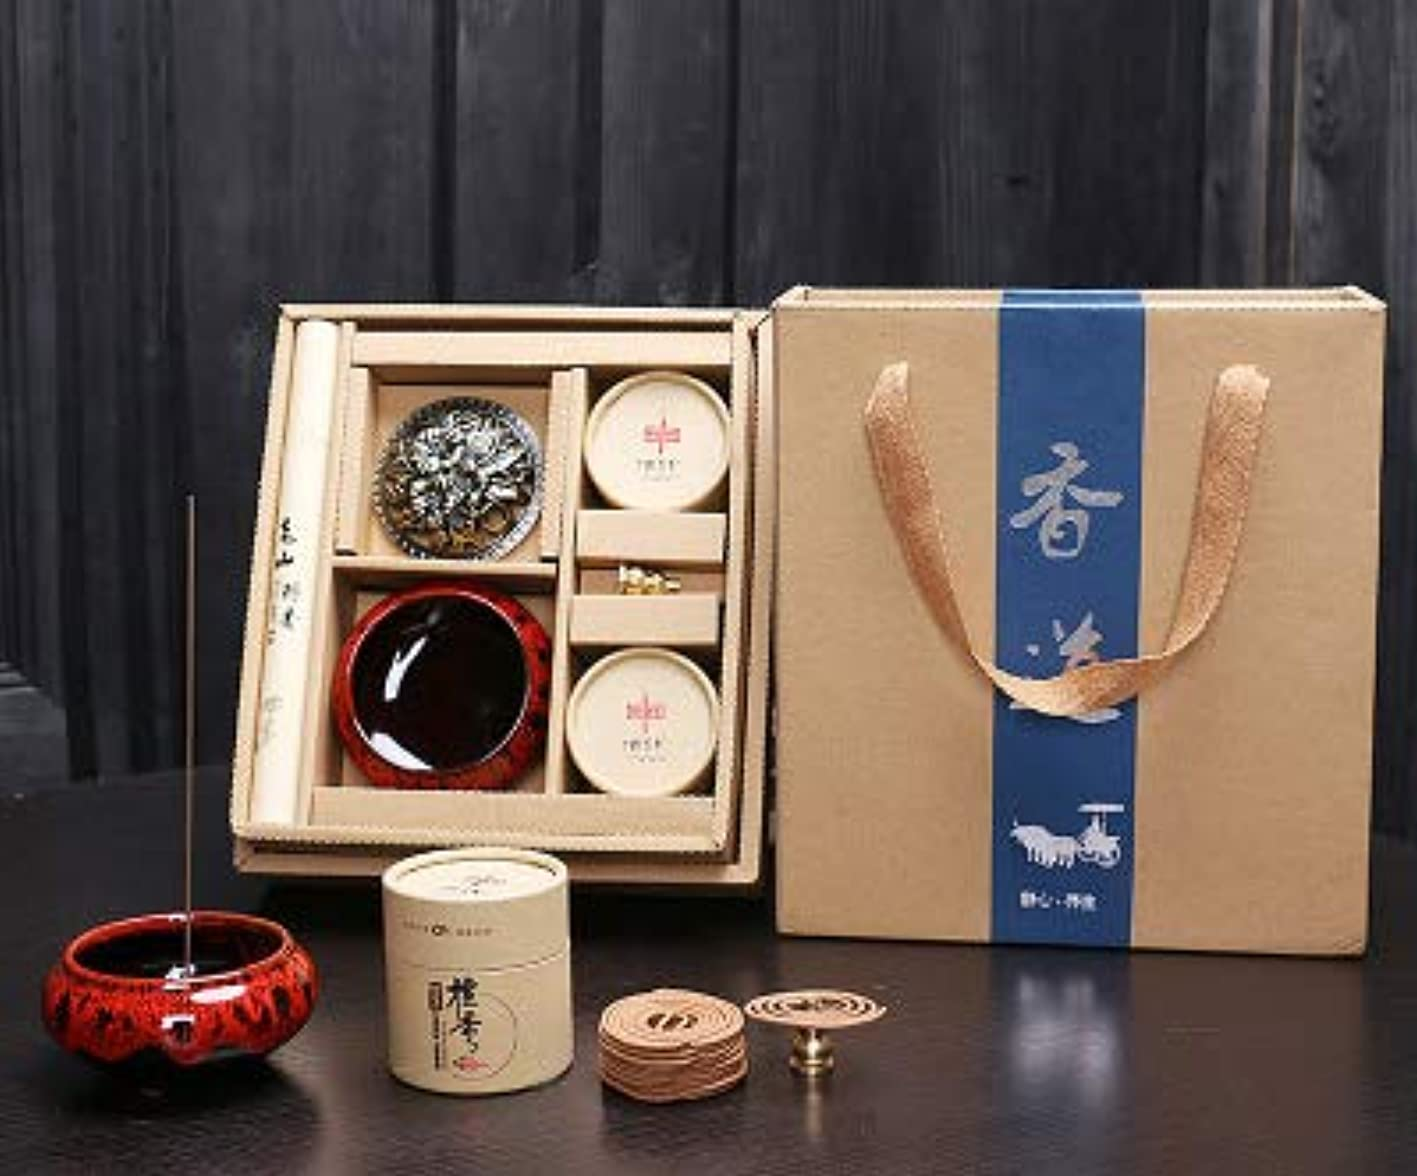 スペード磁器ティームPHILOGOD 香炉 クリエイティブギフトボックス線香立て お香 ホルダー 仏壇用渦巻き線香 (Red)